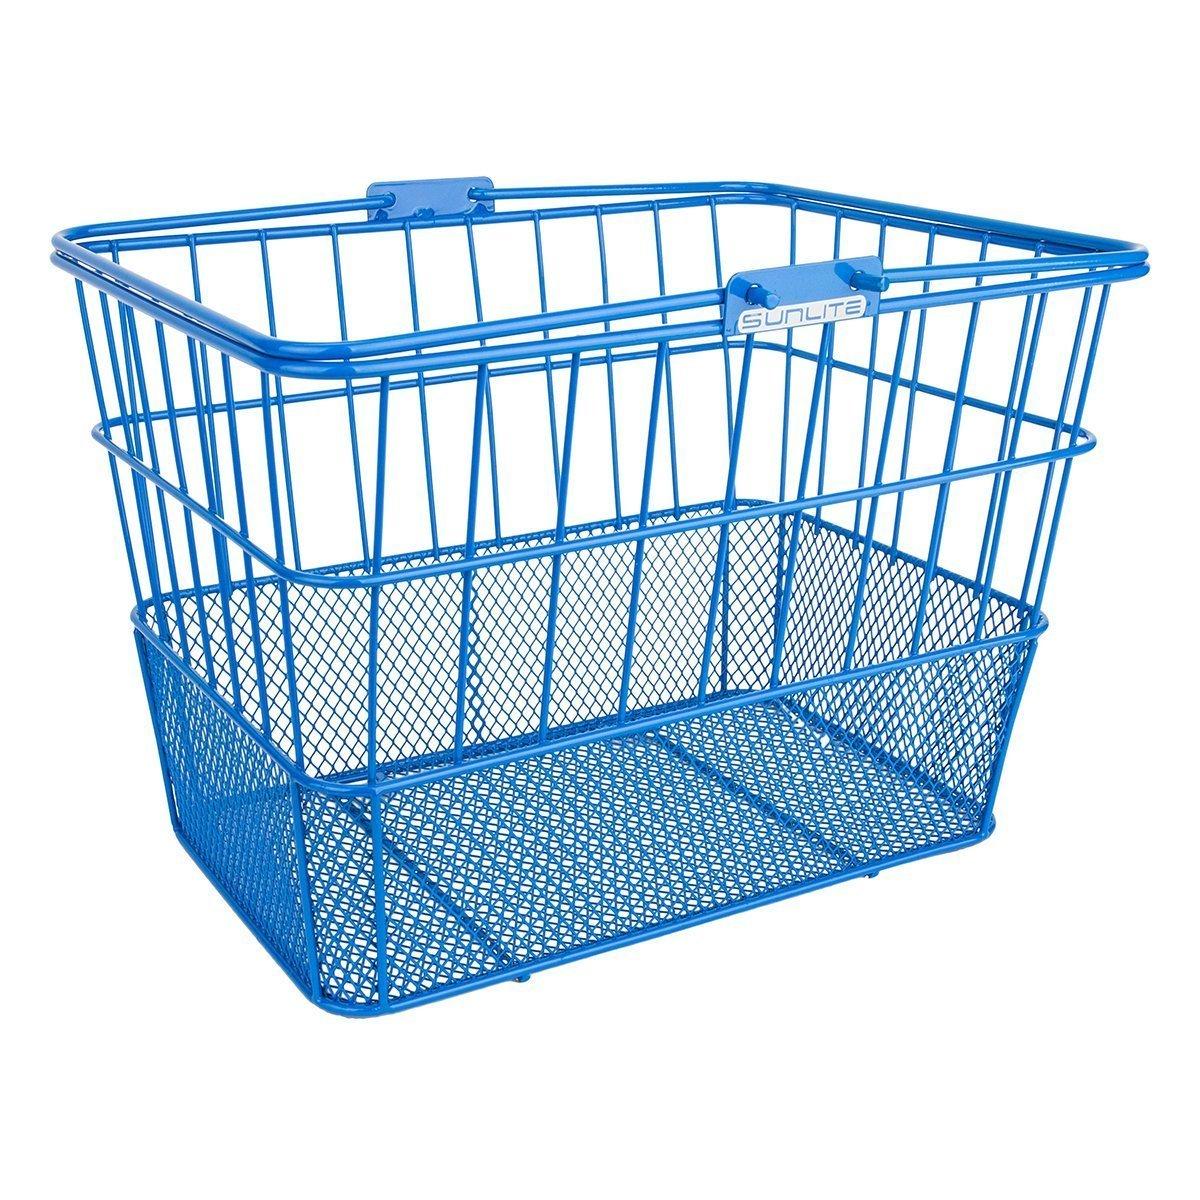 seguro de calidad Azul SunLite estándar Fondo de Malla Cesta de elevación elevación elevación W Soporte  calidad auténtica